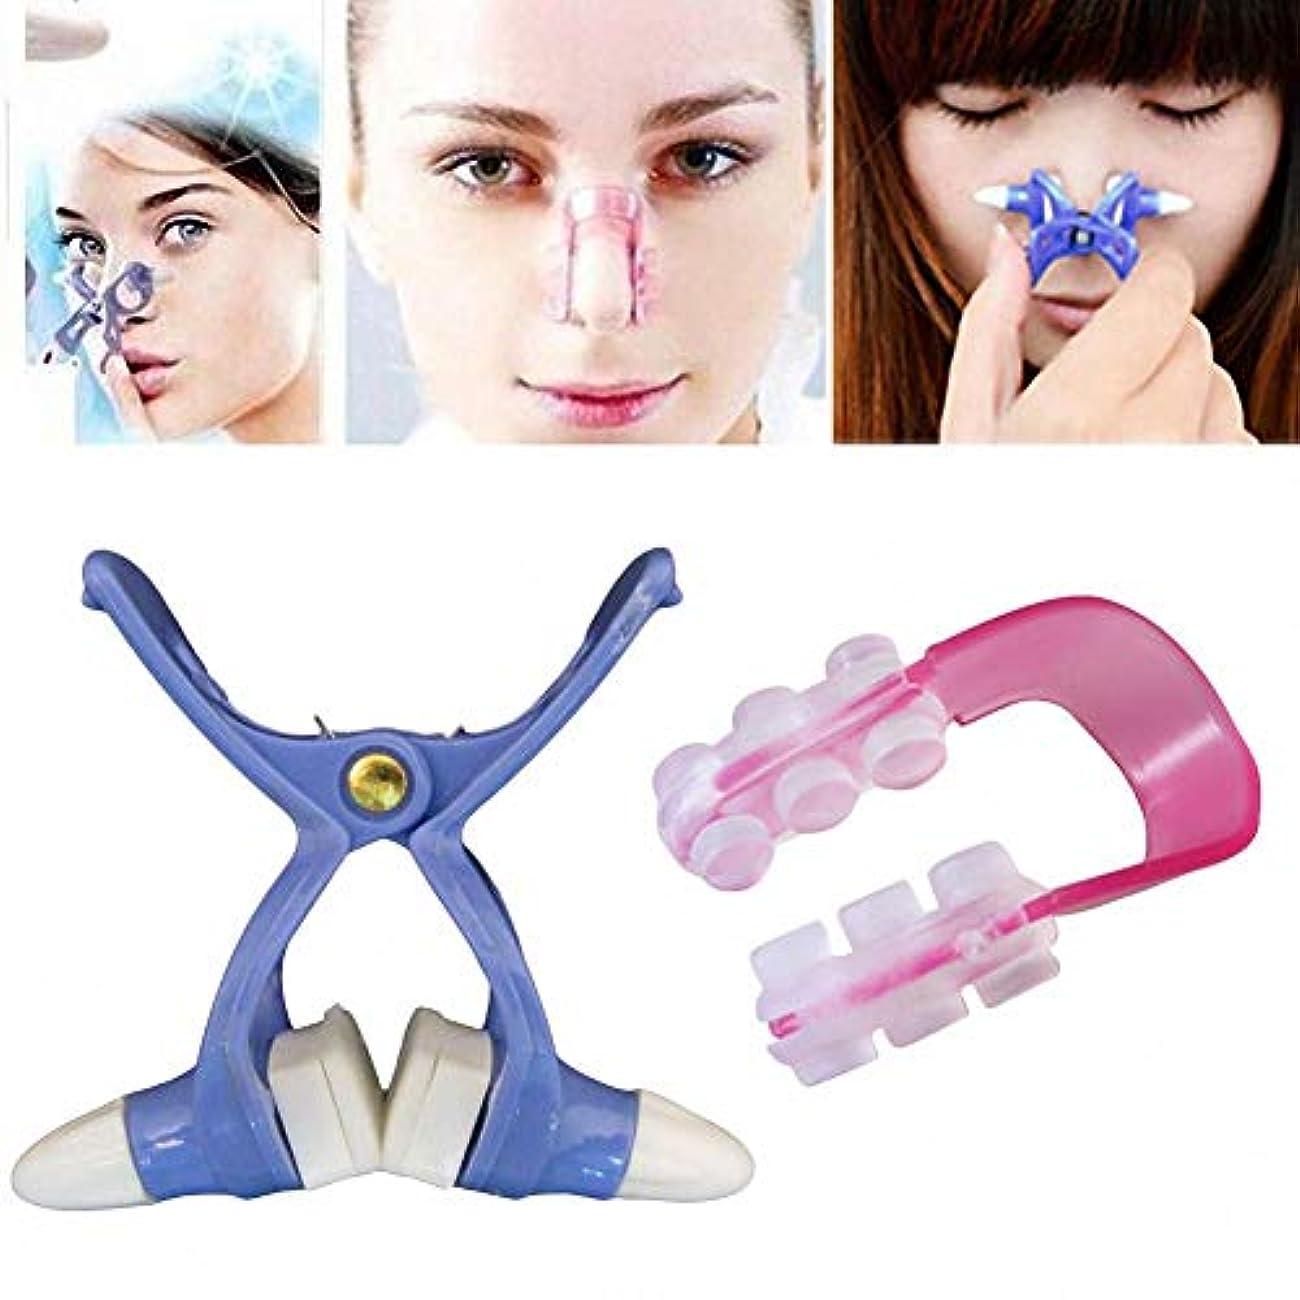 合併症成人期技術的な鼻 シェーピング 鼻高々ノーズアップ 美容グッズ ノーズクリップ ノーズアップリフティングシェー 鼻を高くするための矯正クリップ モテ鼻メイク